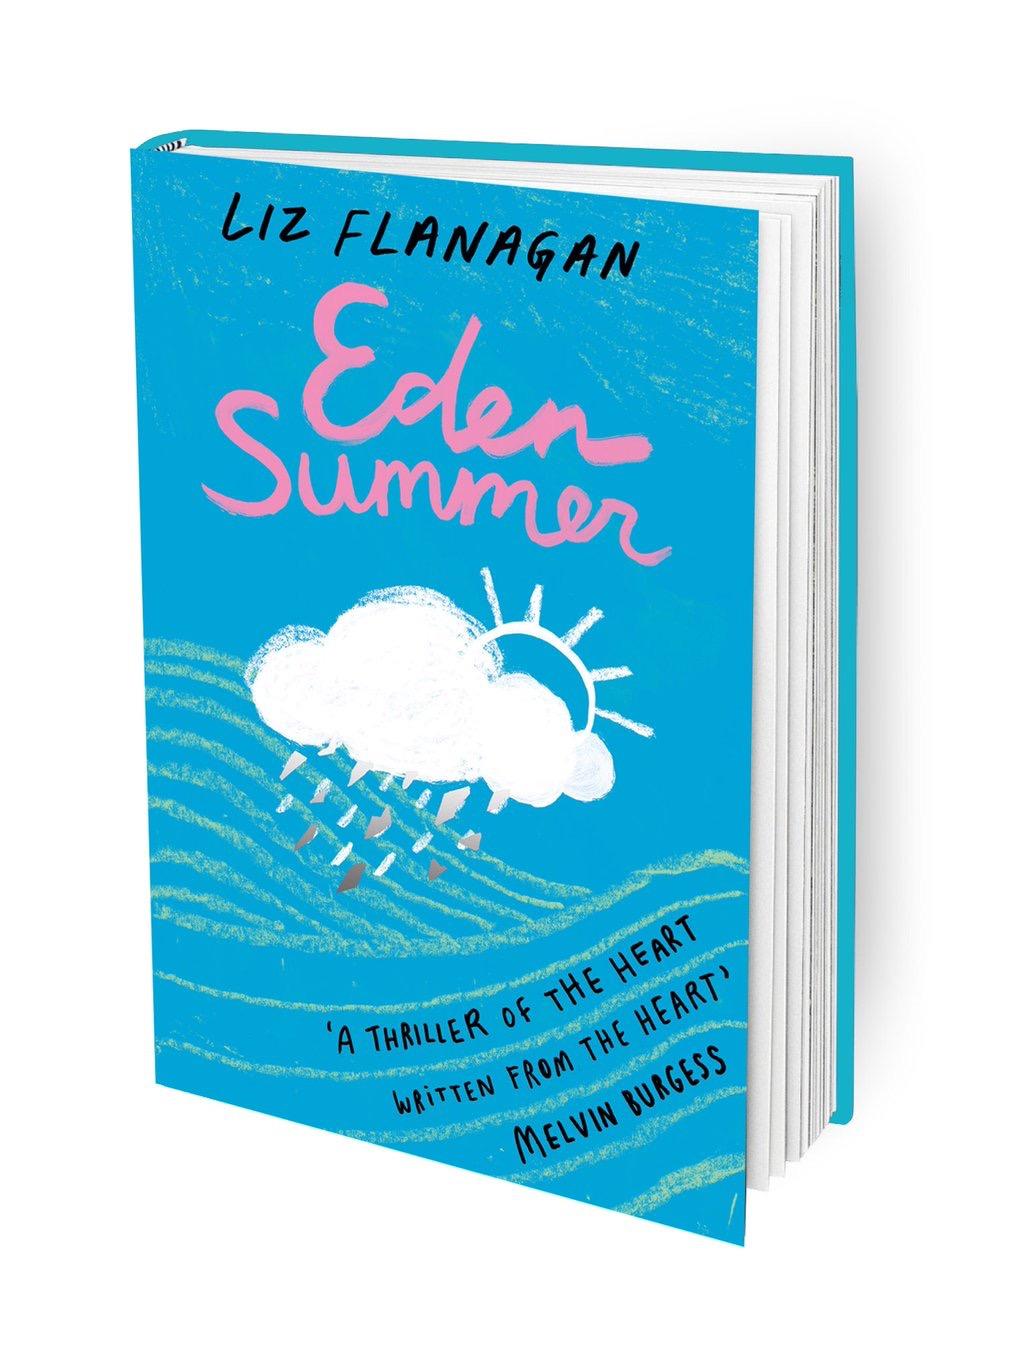 Copy of Eden Summer